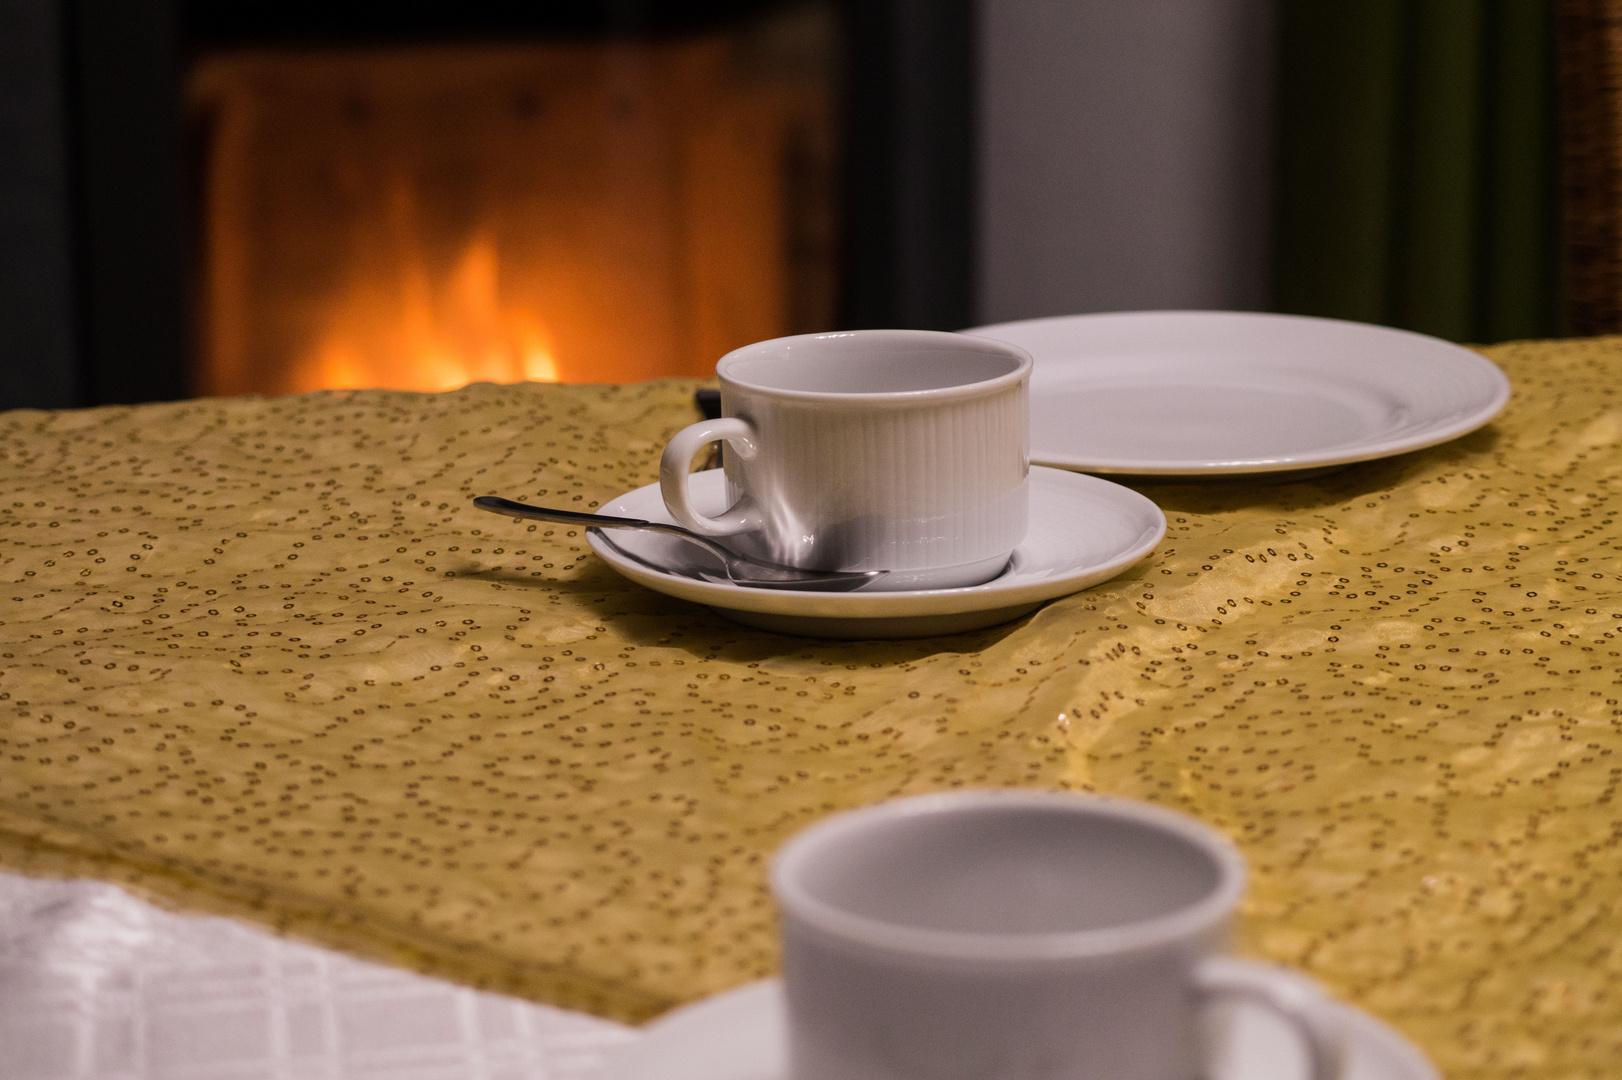 Stillleben Kaffeegedeck vorm Kamin